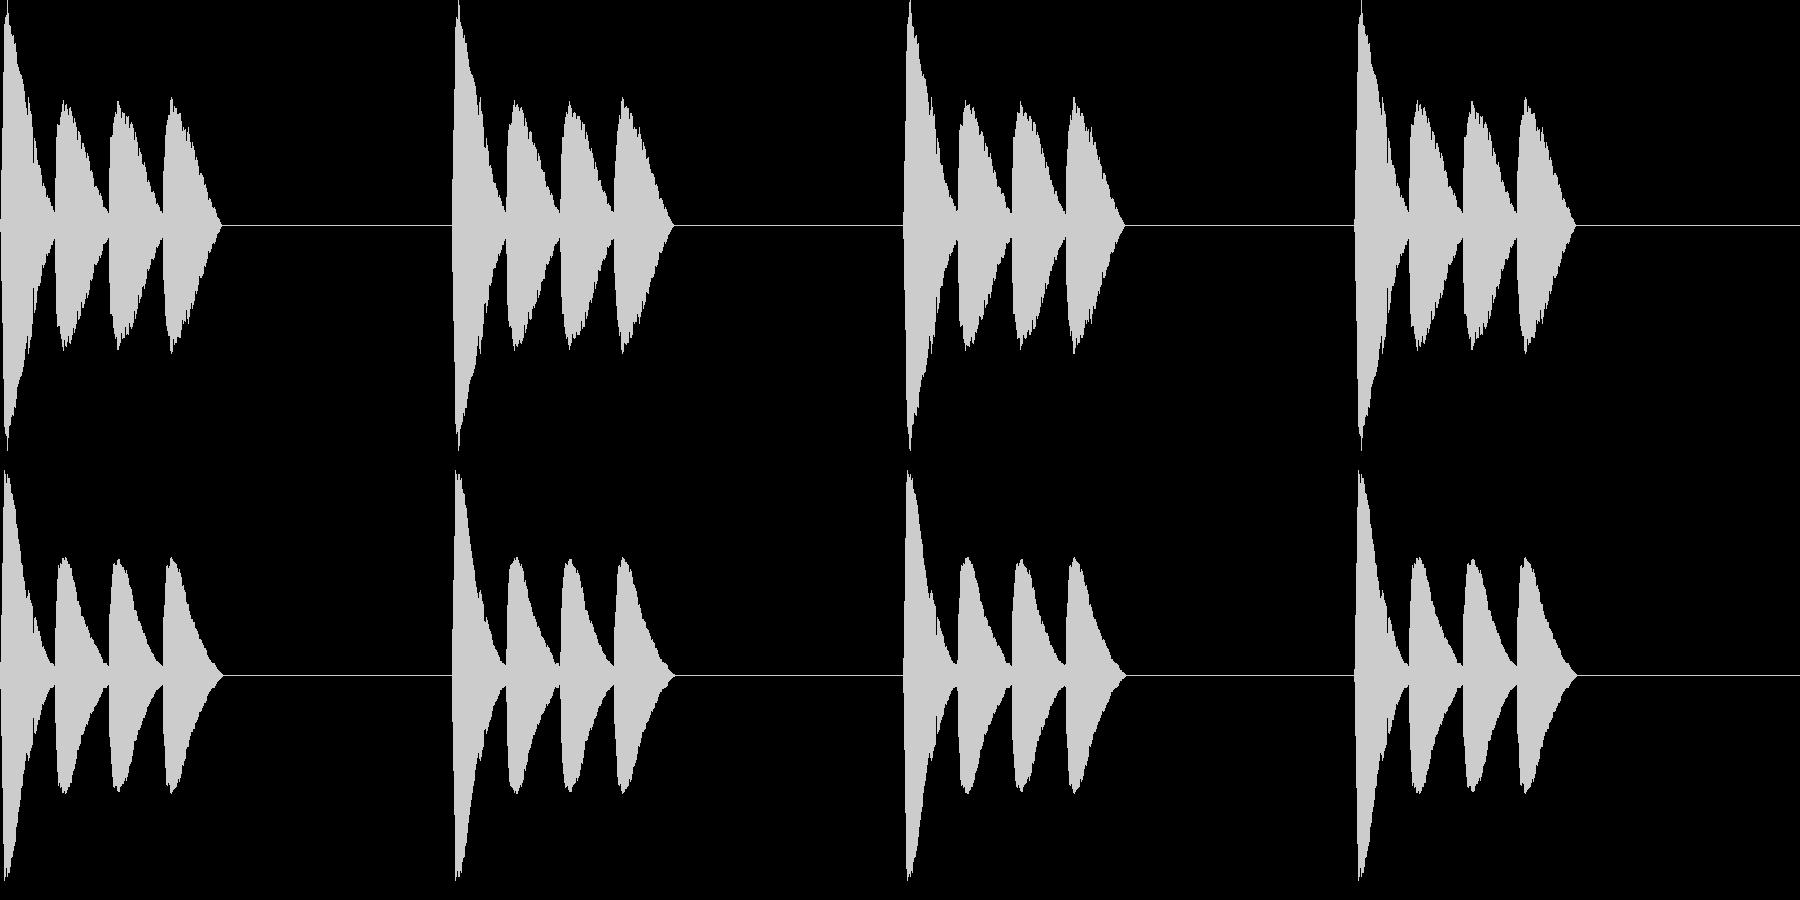 【アラーム】電子音 - ピピピピッの未再生の波形